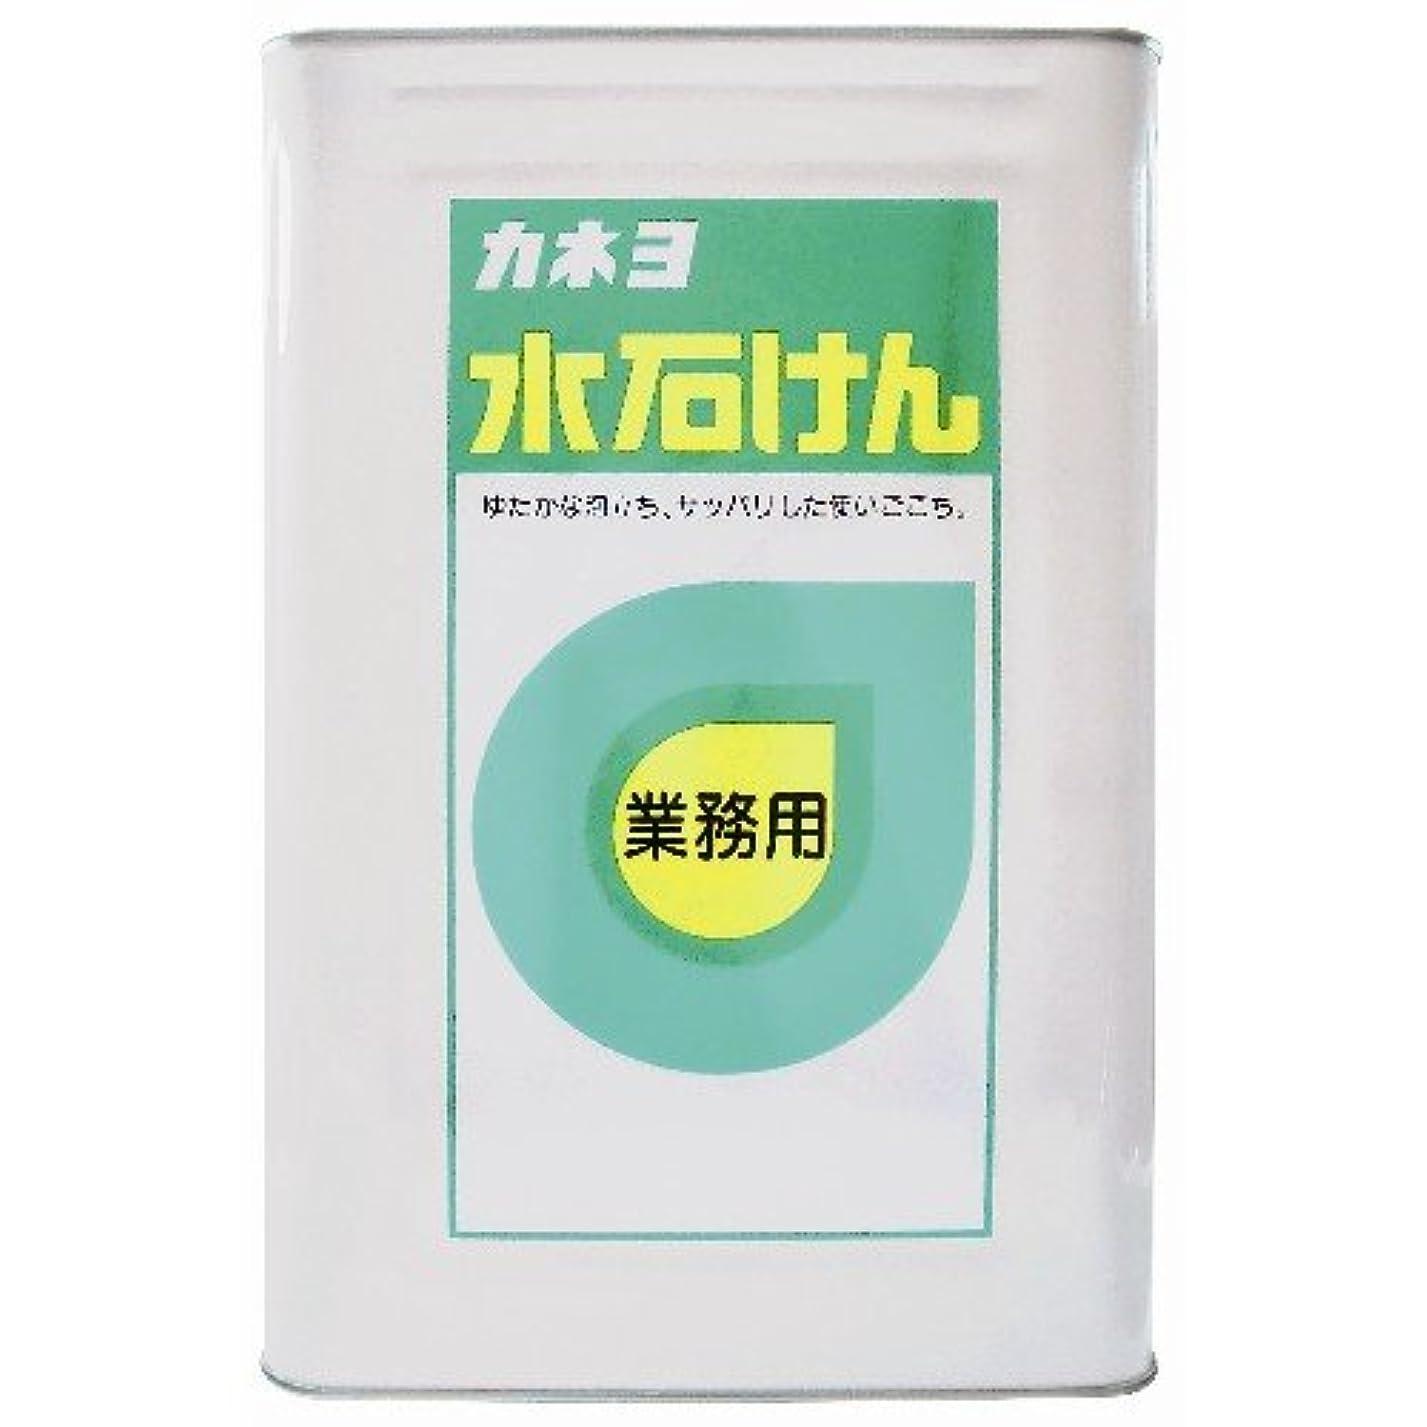 憂鬱初期ブラシ【大容量】 カネヨ石鹸 ハンドソープ 水石けん 液体 業務用 18L 一斗缶